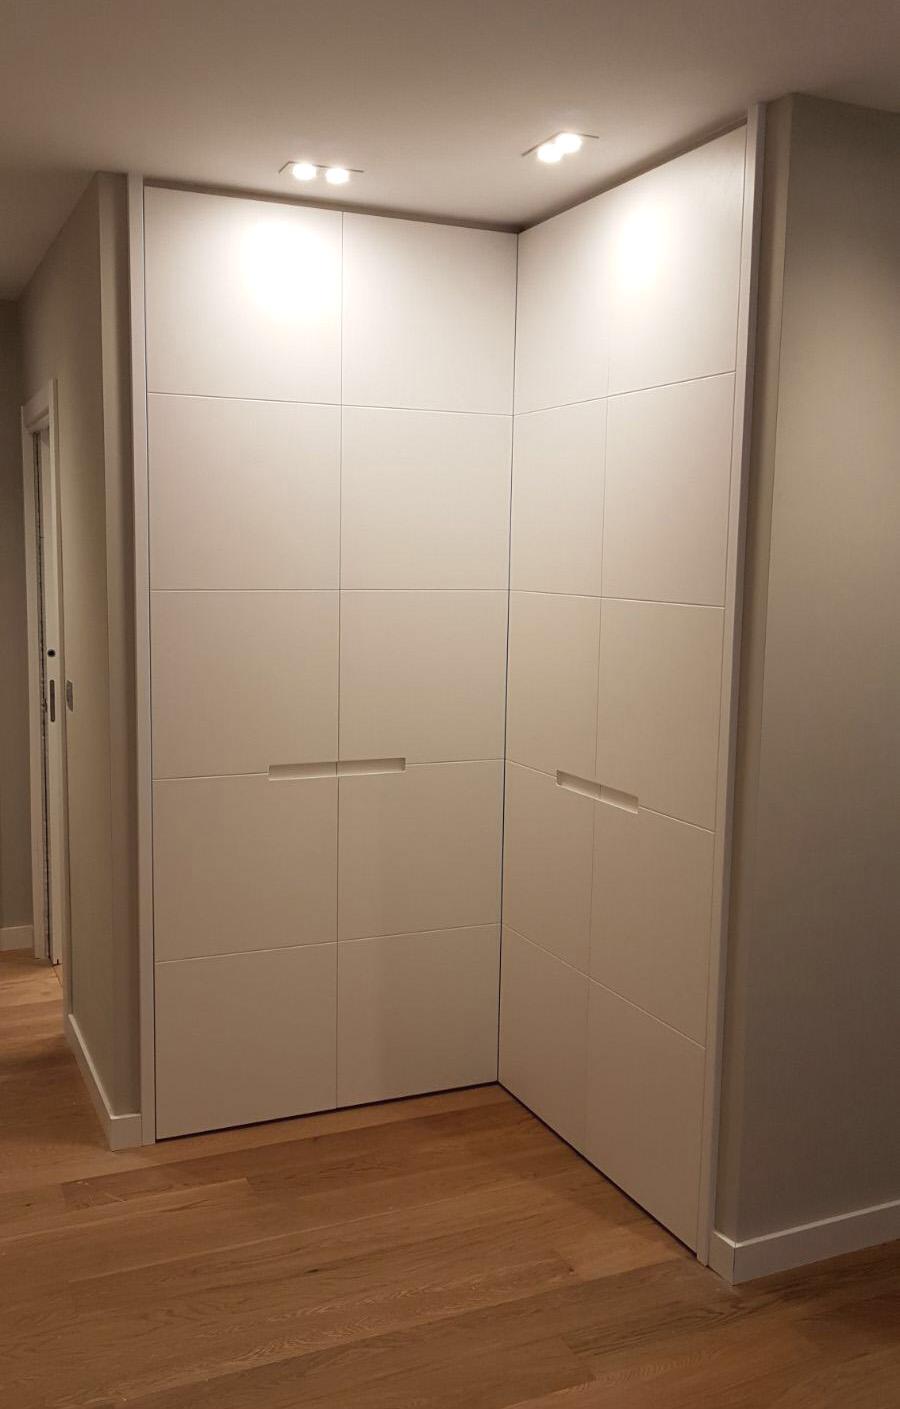 armario lacado con lamas de puertas escamoteables arnit